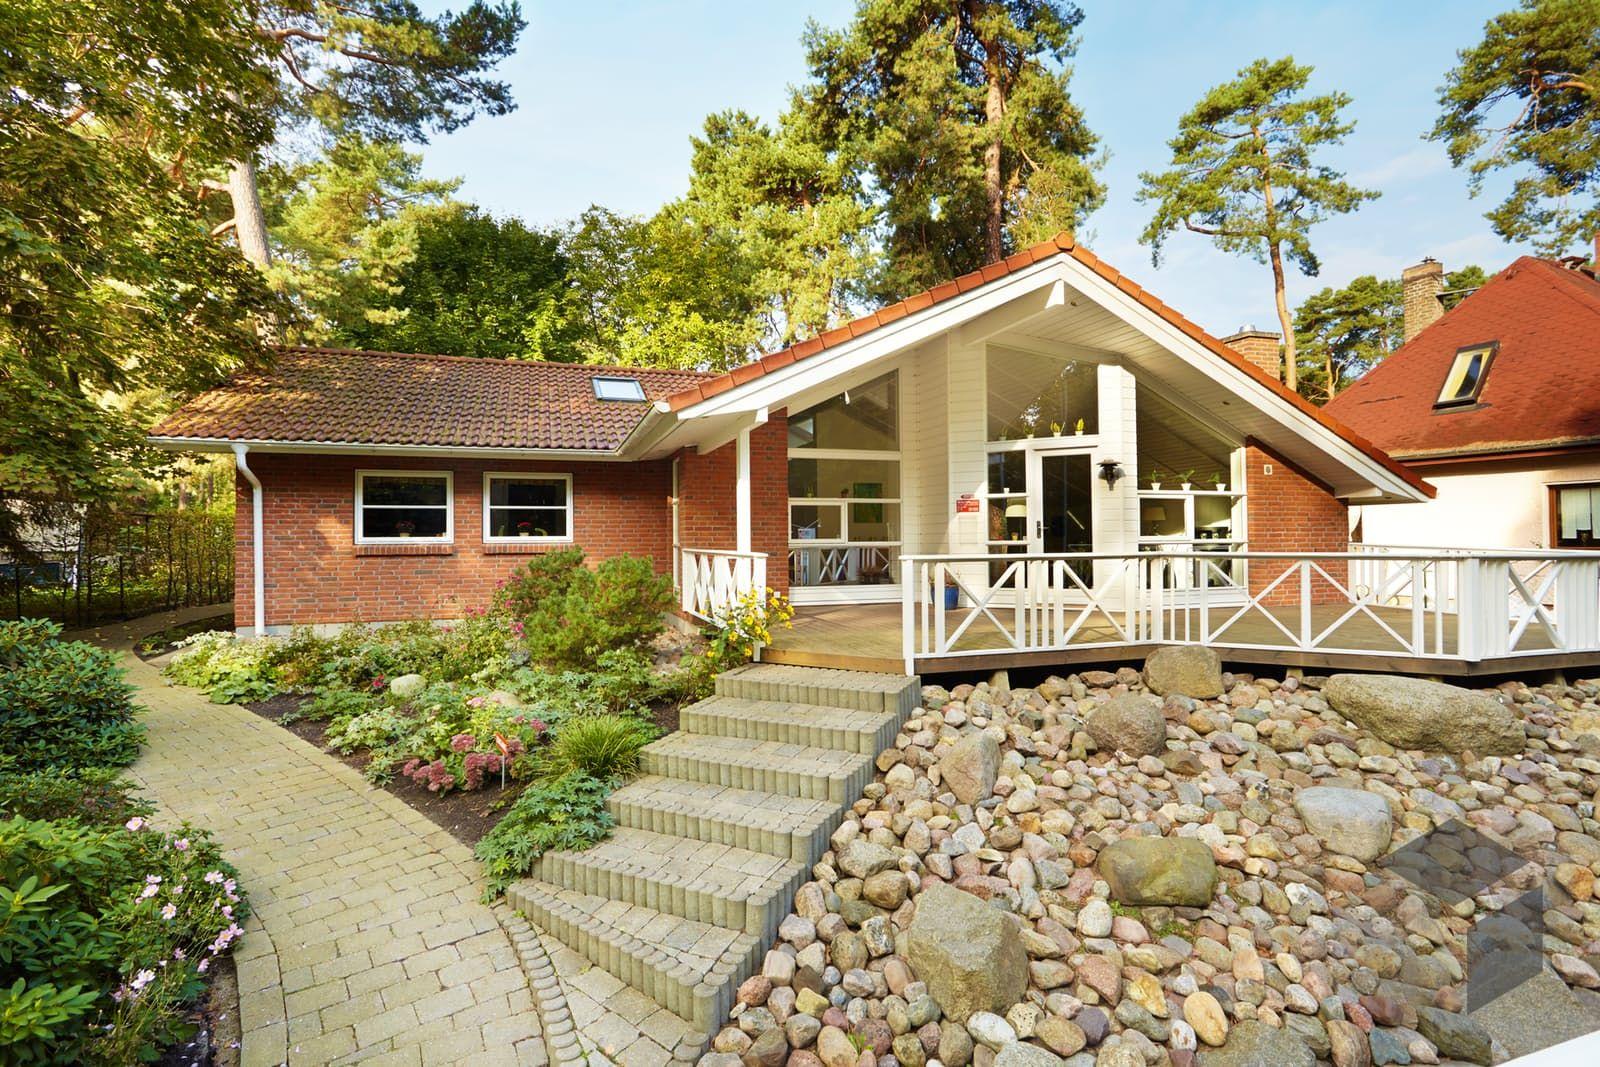 Großartig Häuser Stile Sammlung Von Großes Angebot An Häusern Verschiedener Und Anbieter